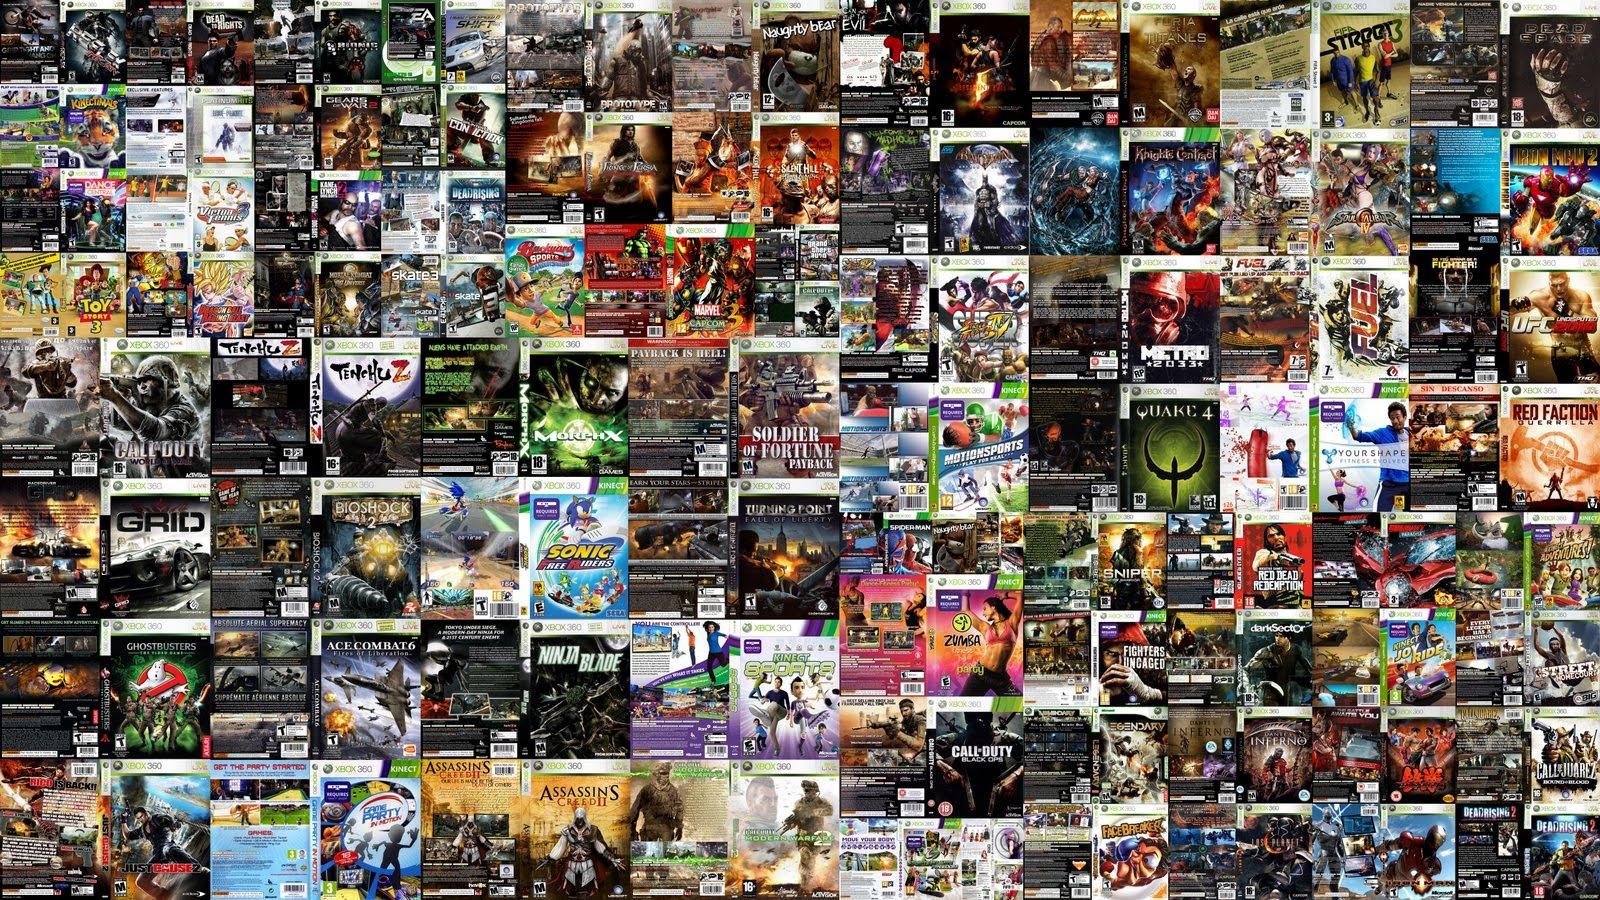 Juegos de hentai de Xbox 360